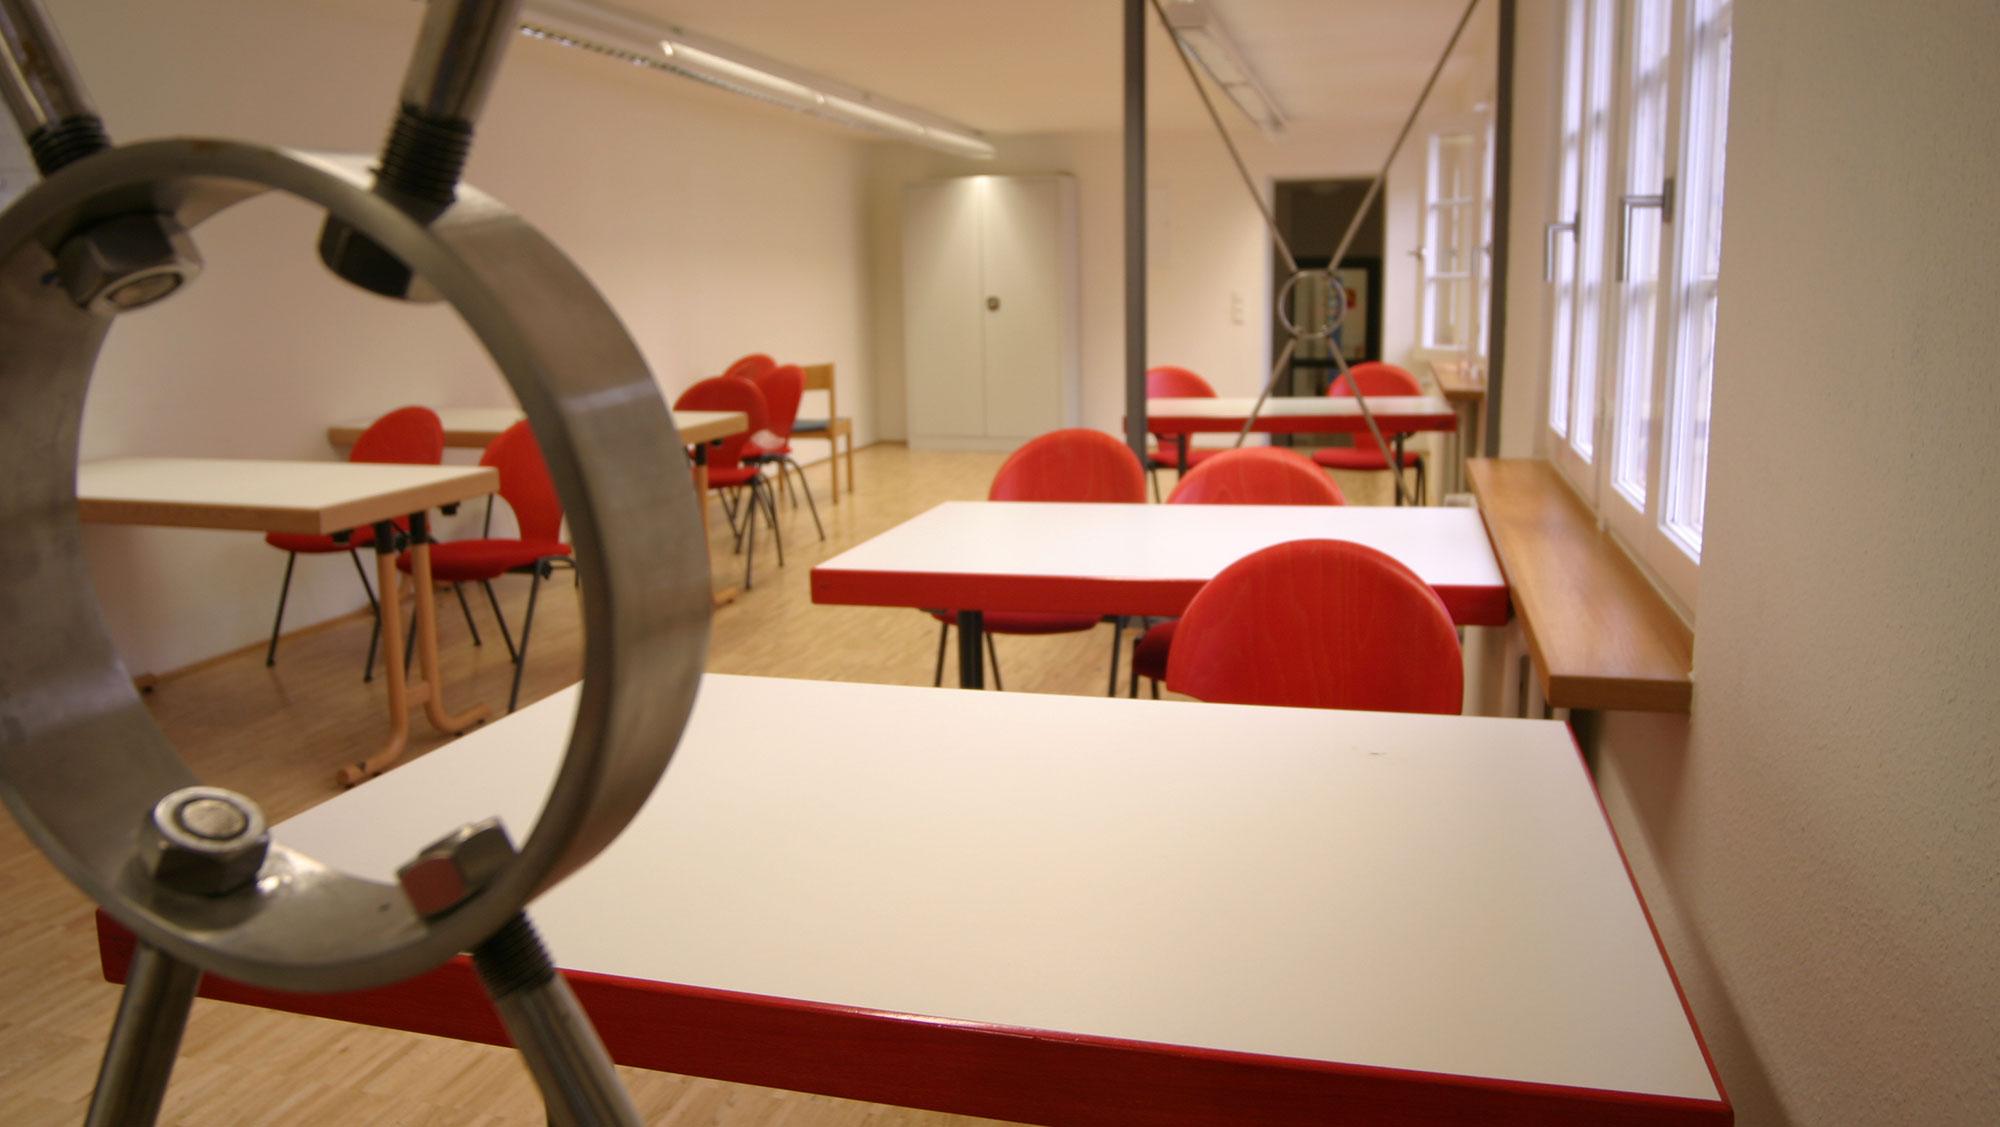 Die Schule für deine berufliche Zukunft « Förderband e.V.